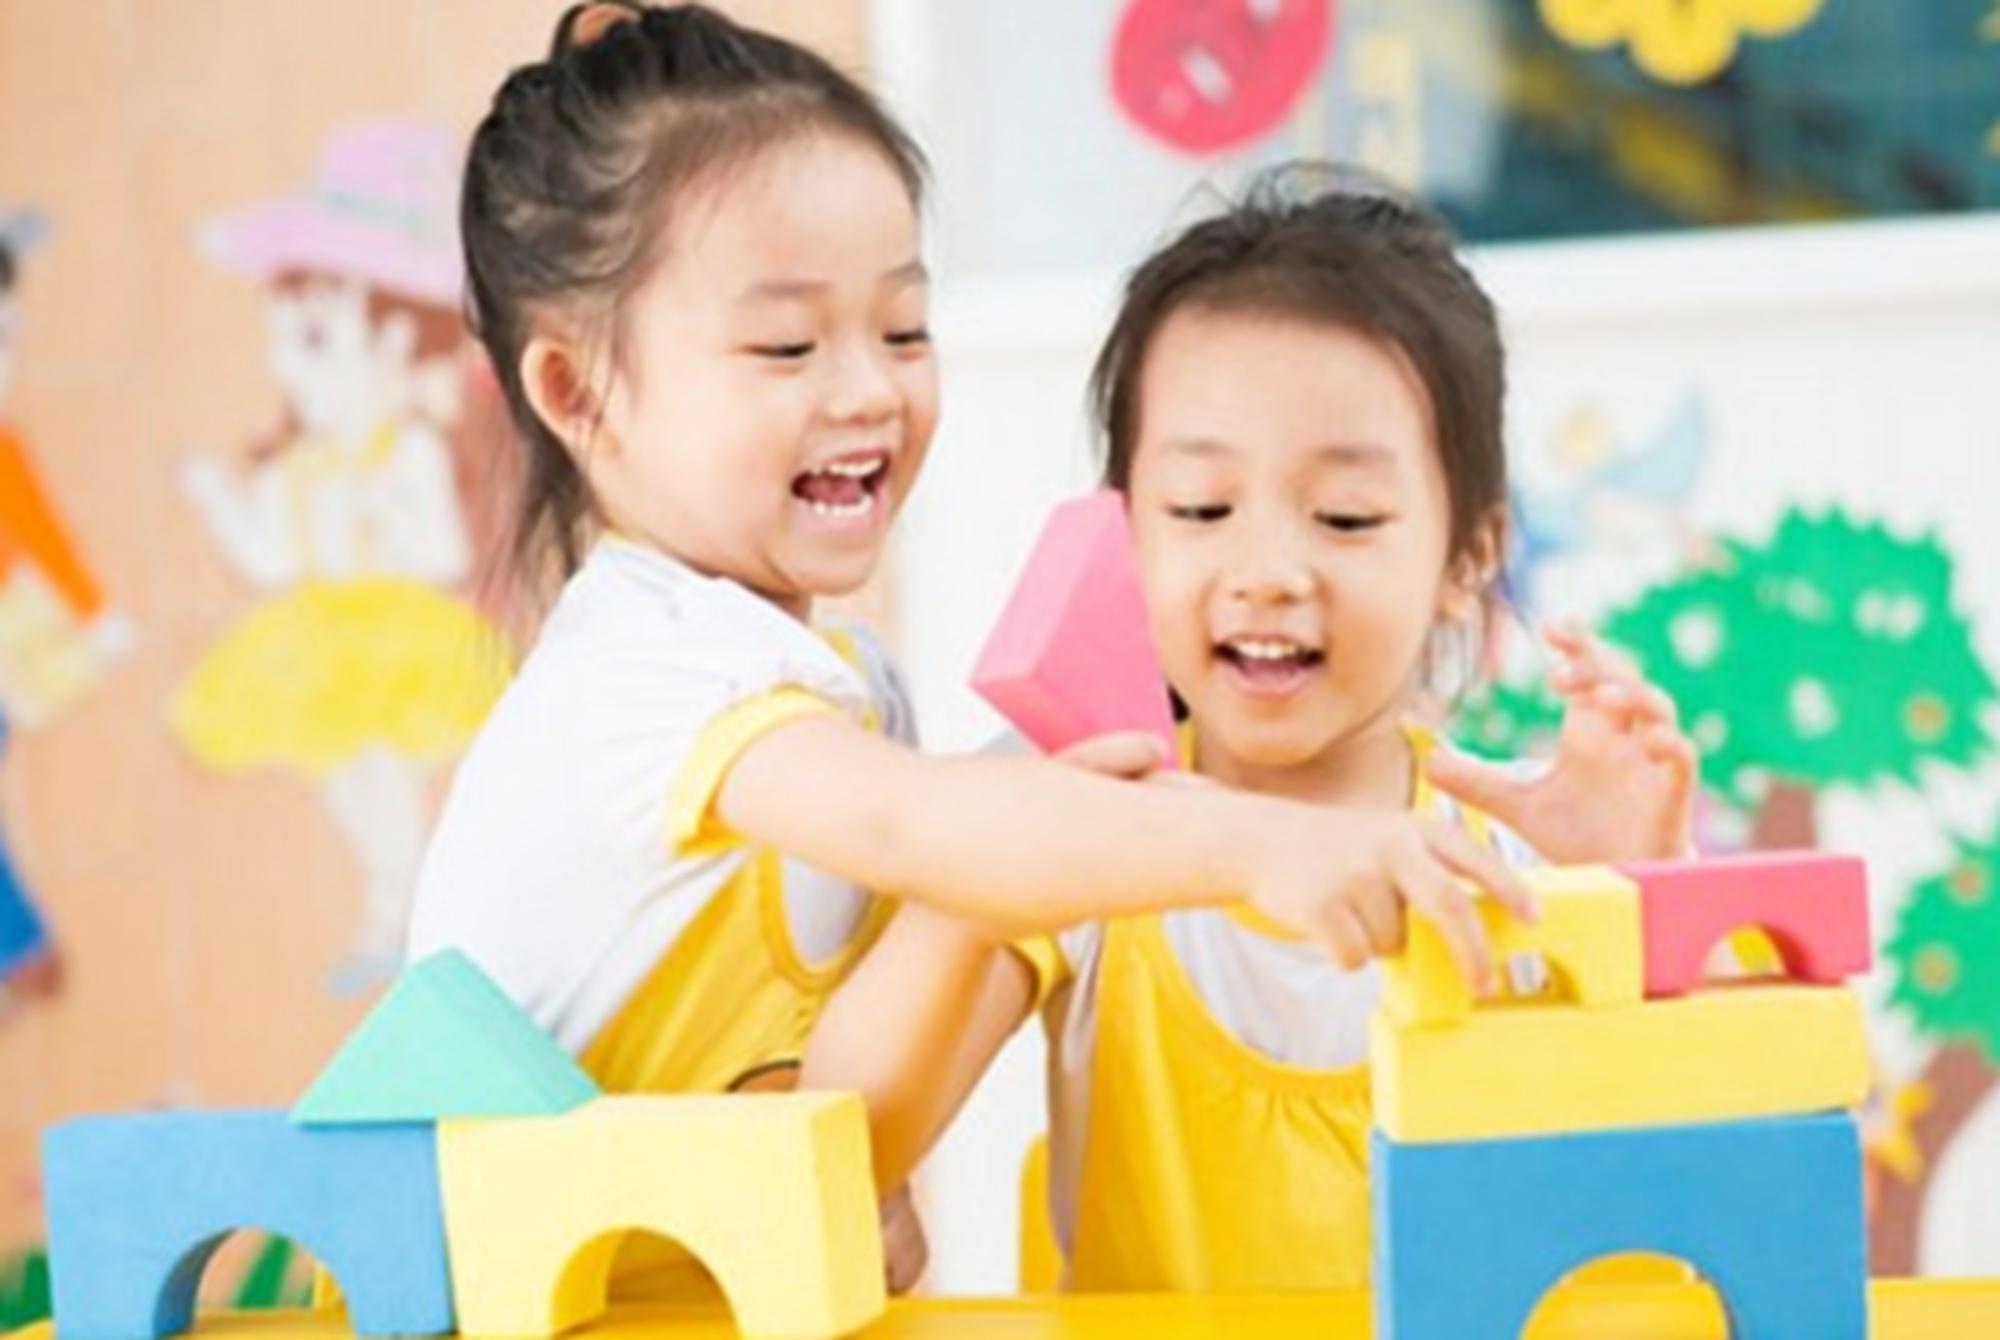 """智商超常的孩子才有的""""怪癖"""",父母要懂得辨别,别埋没天才潜质"""